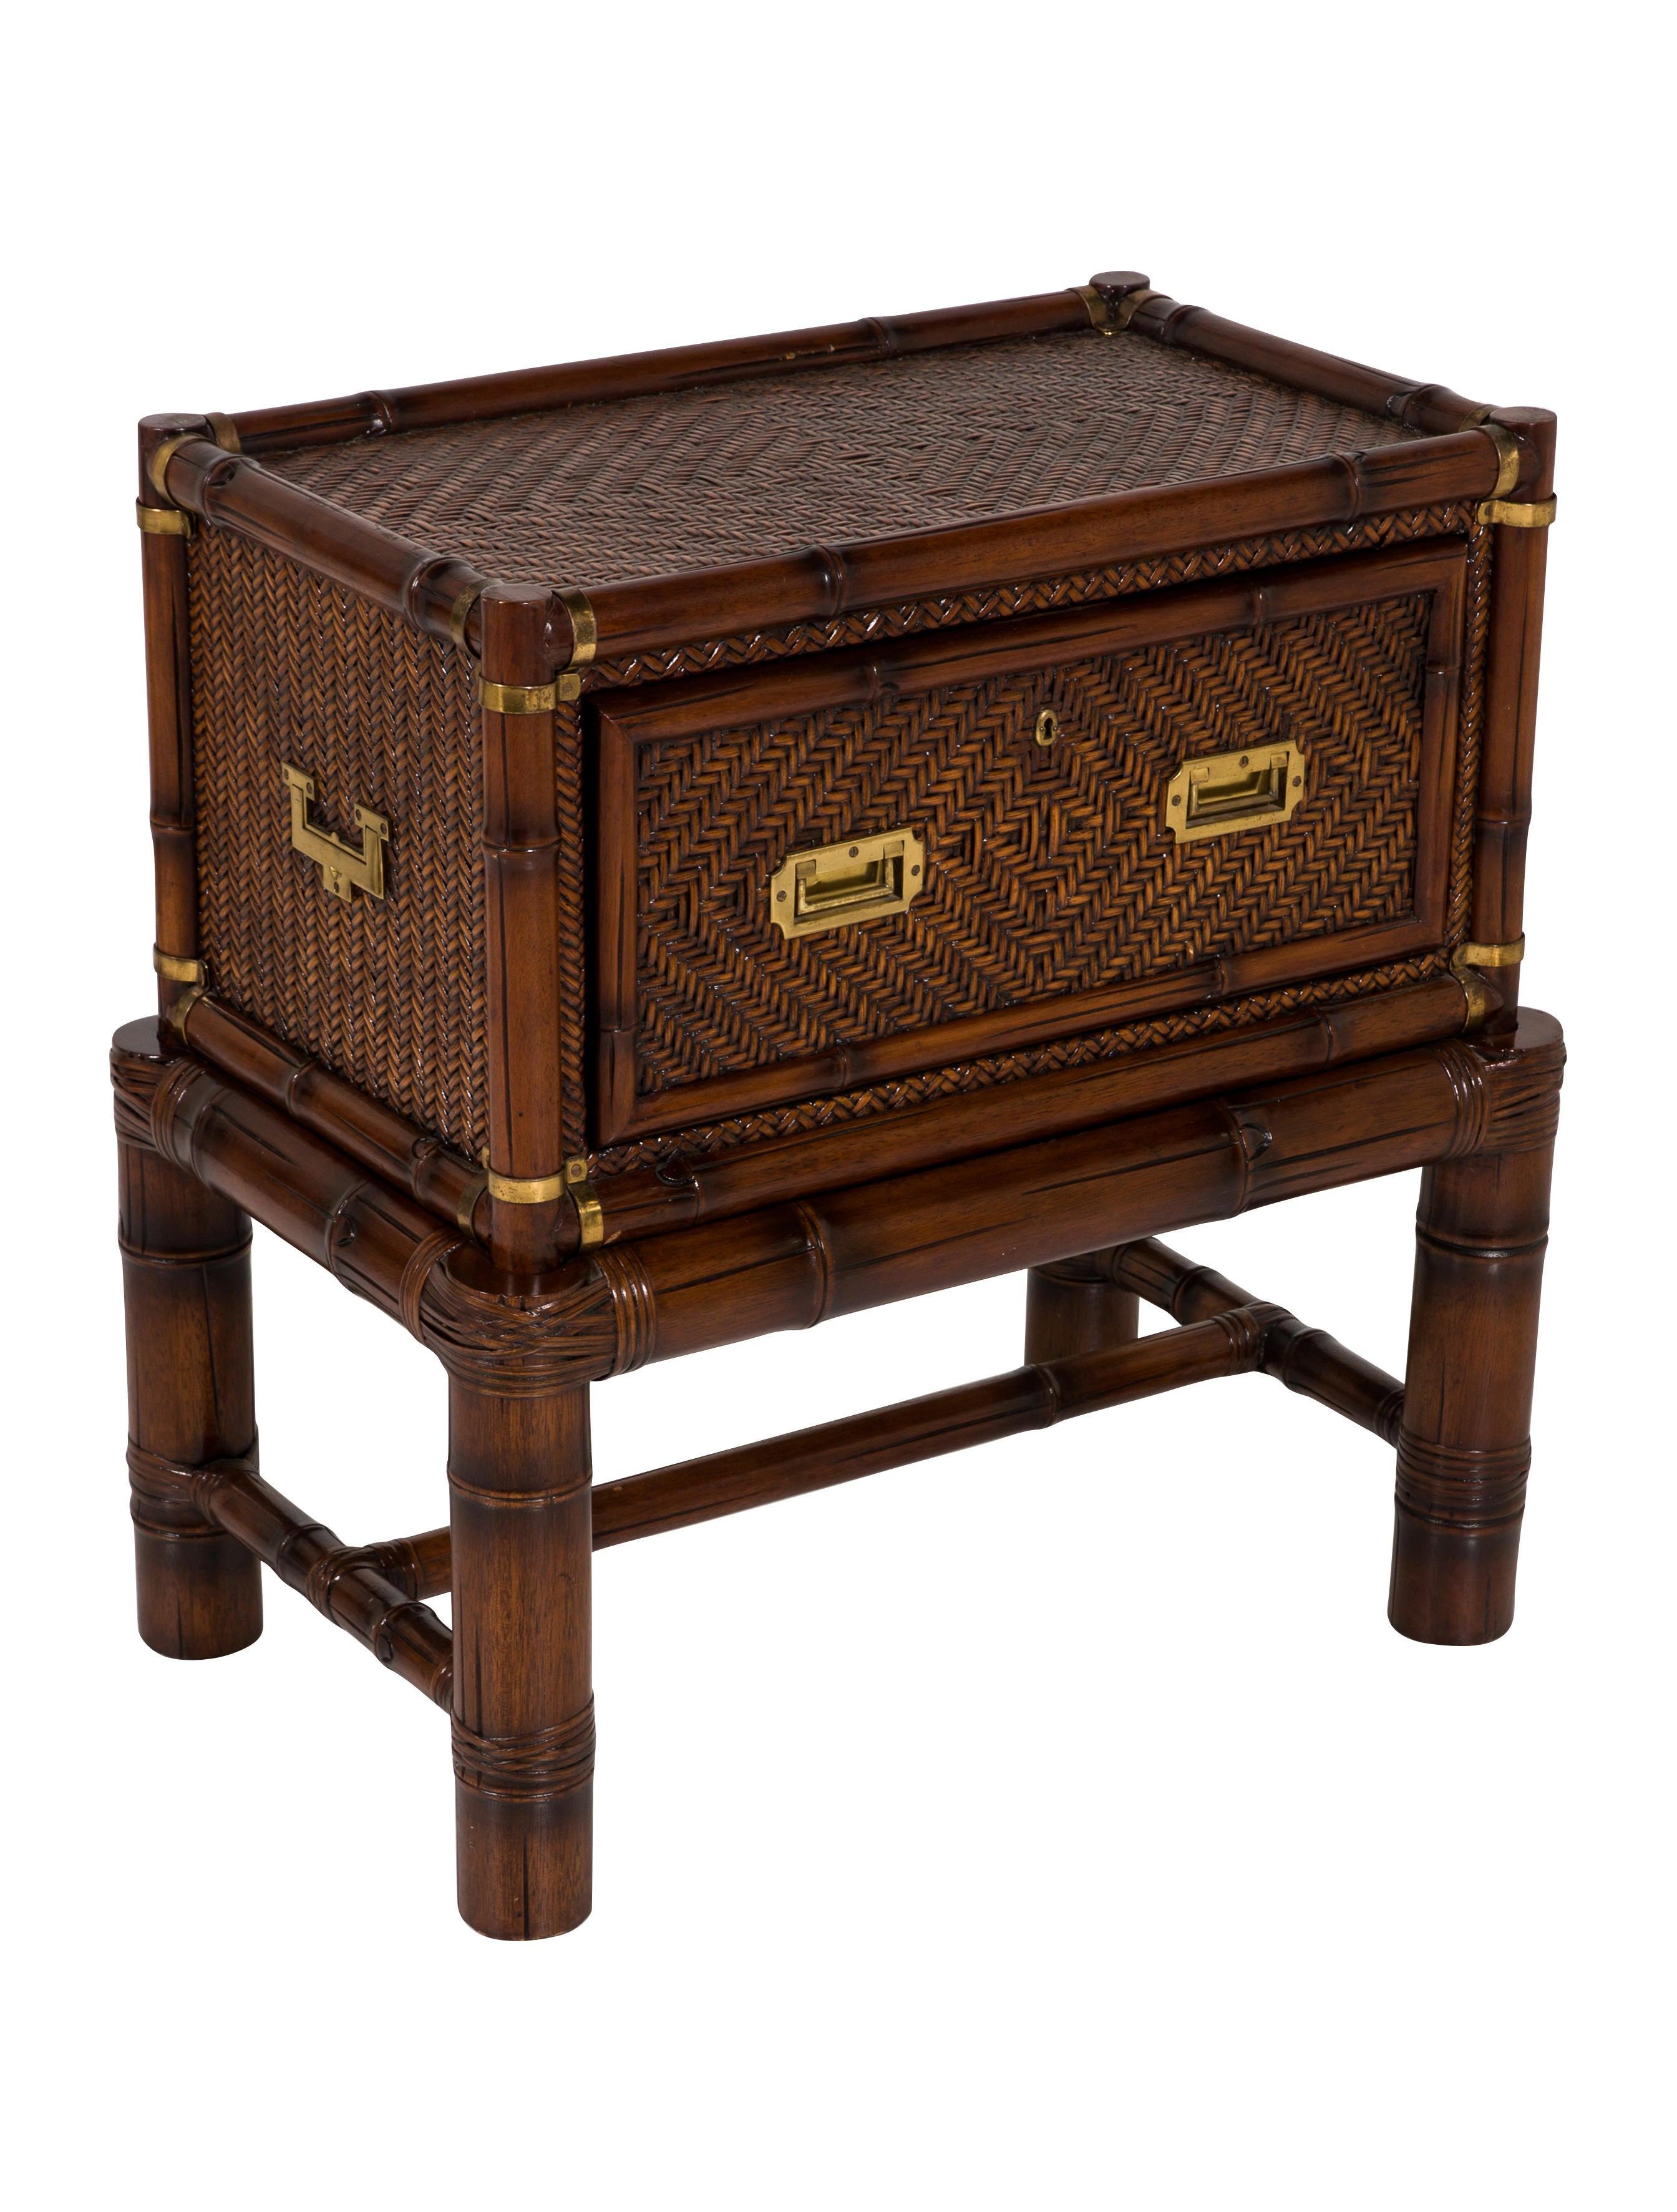 Polo ralph lauren rattan mahogany nightstand furniture for Ralph lauren outdoor furniture